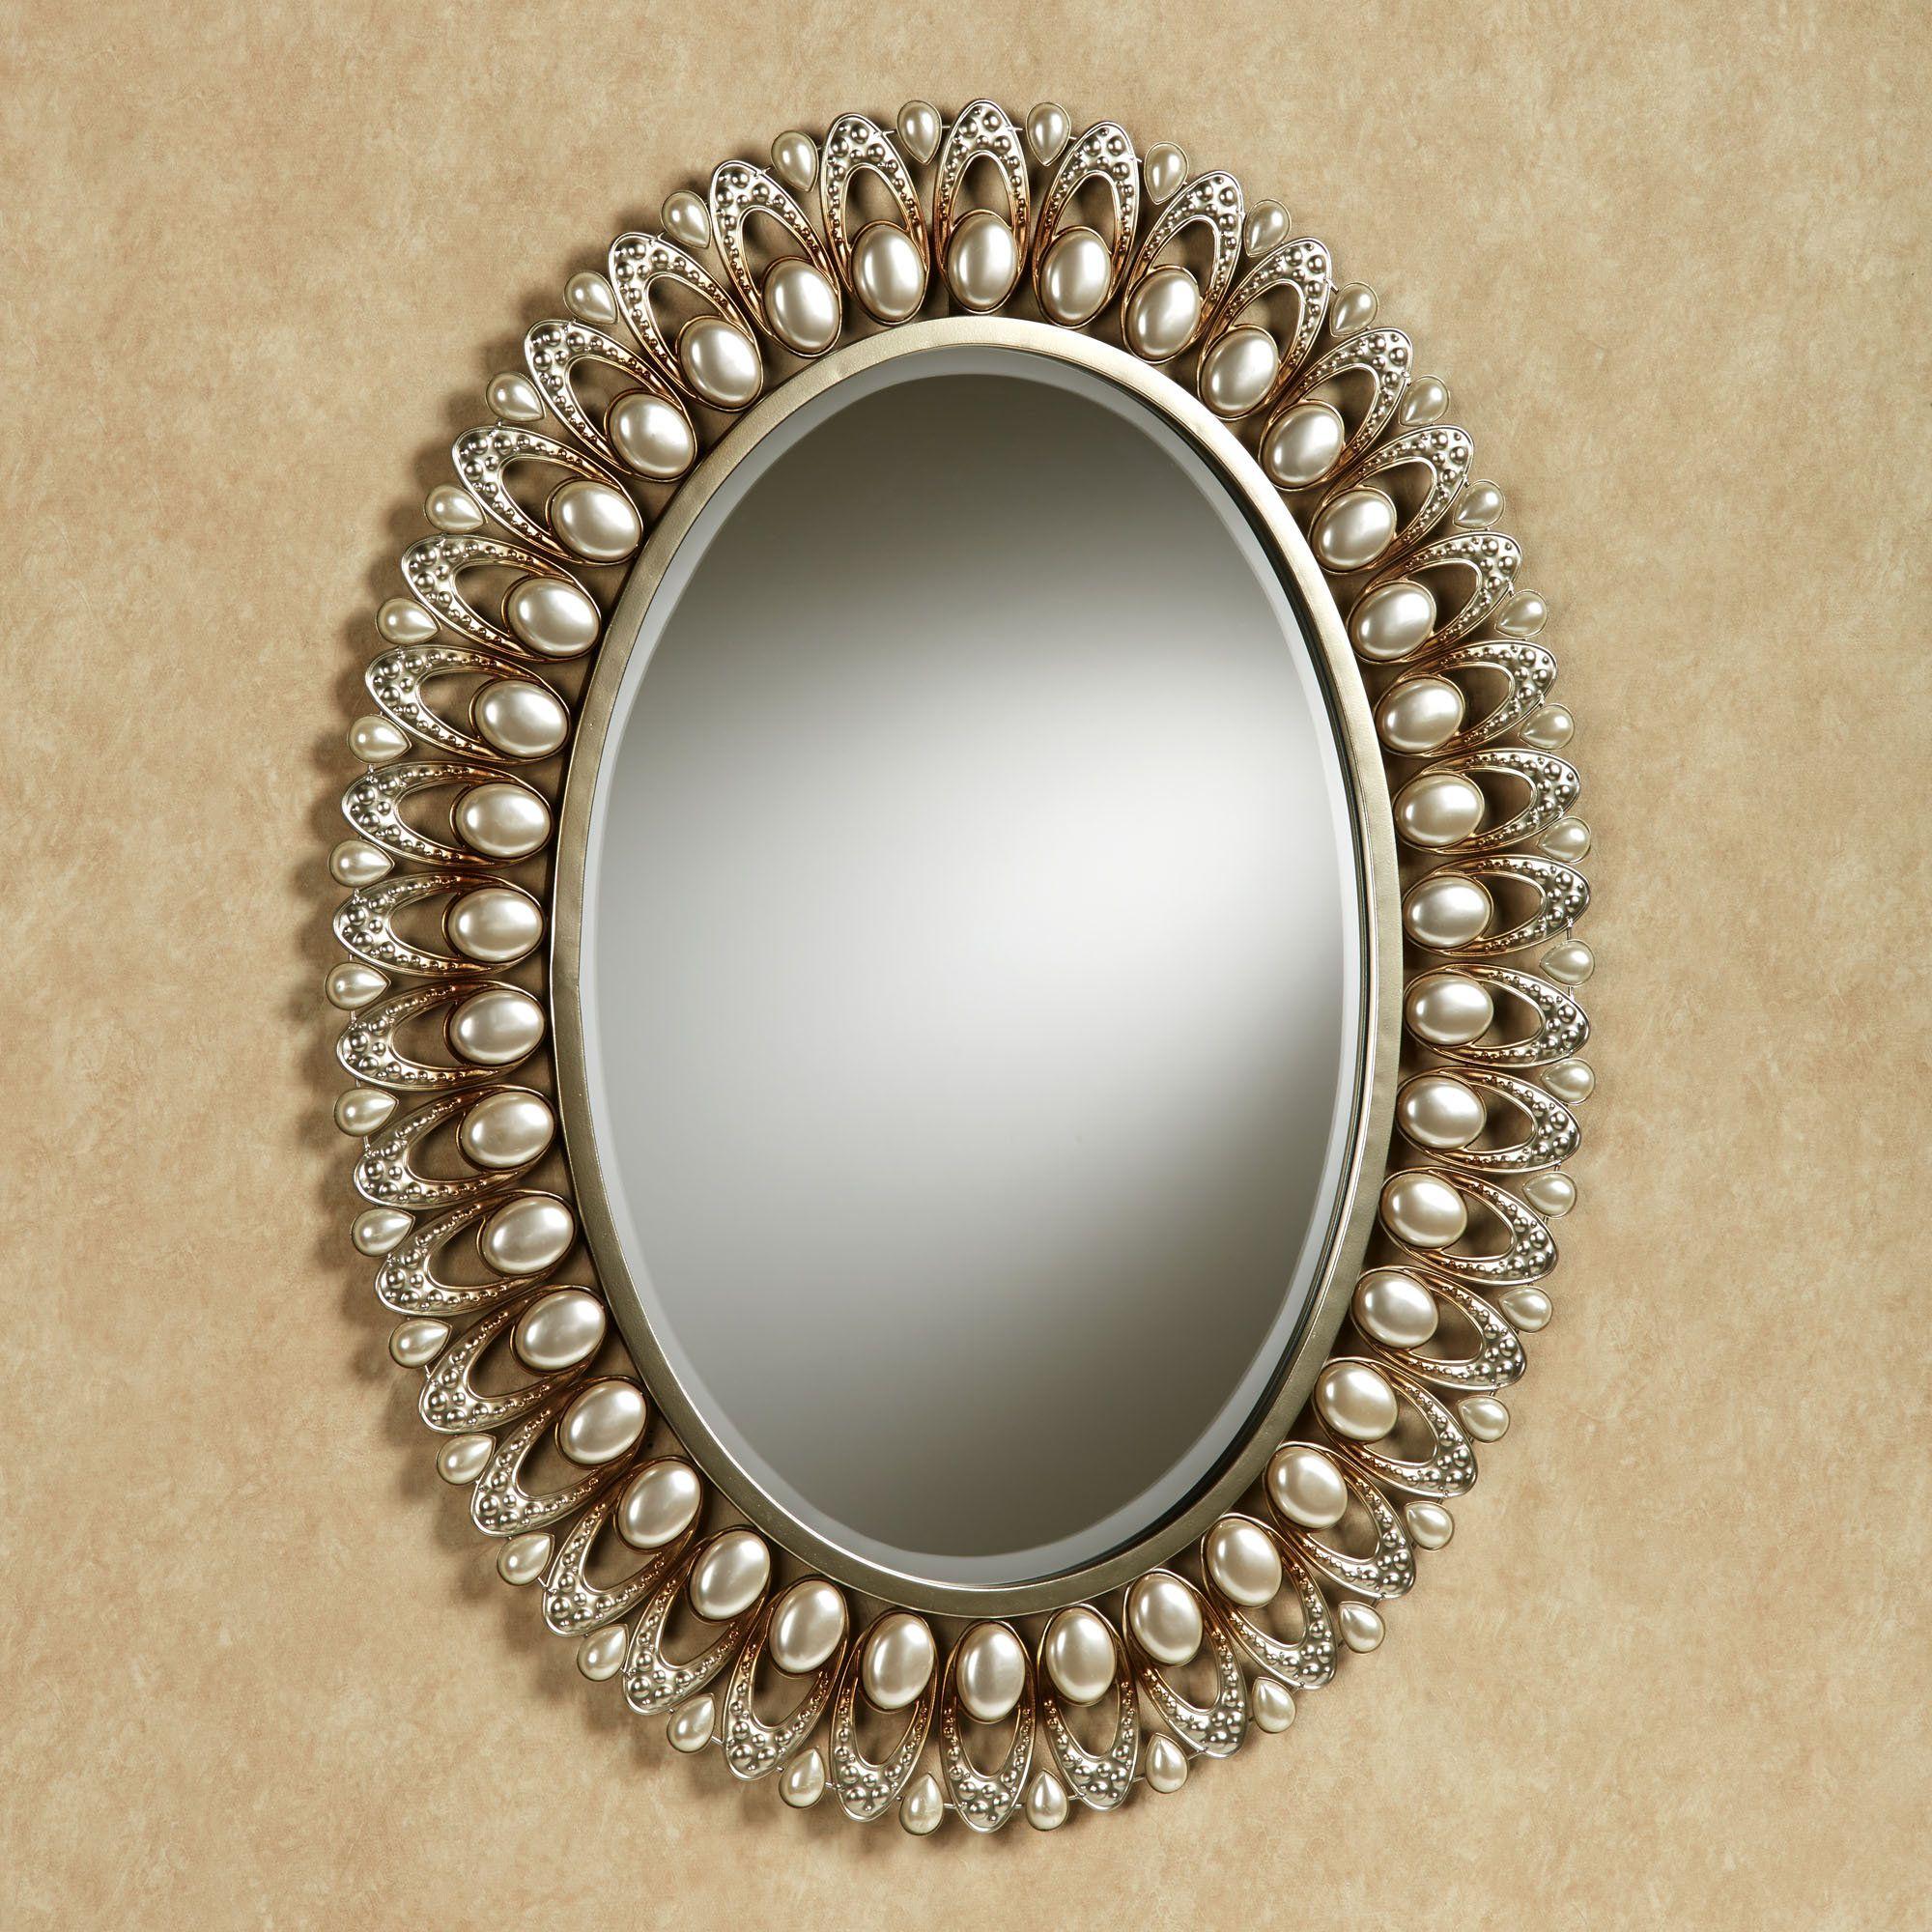 Julietta Pearl Oval Wall Mirror